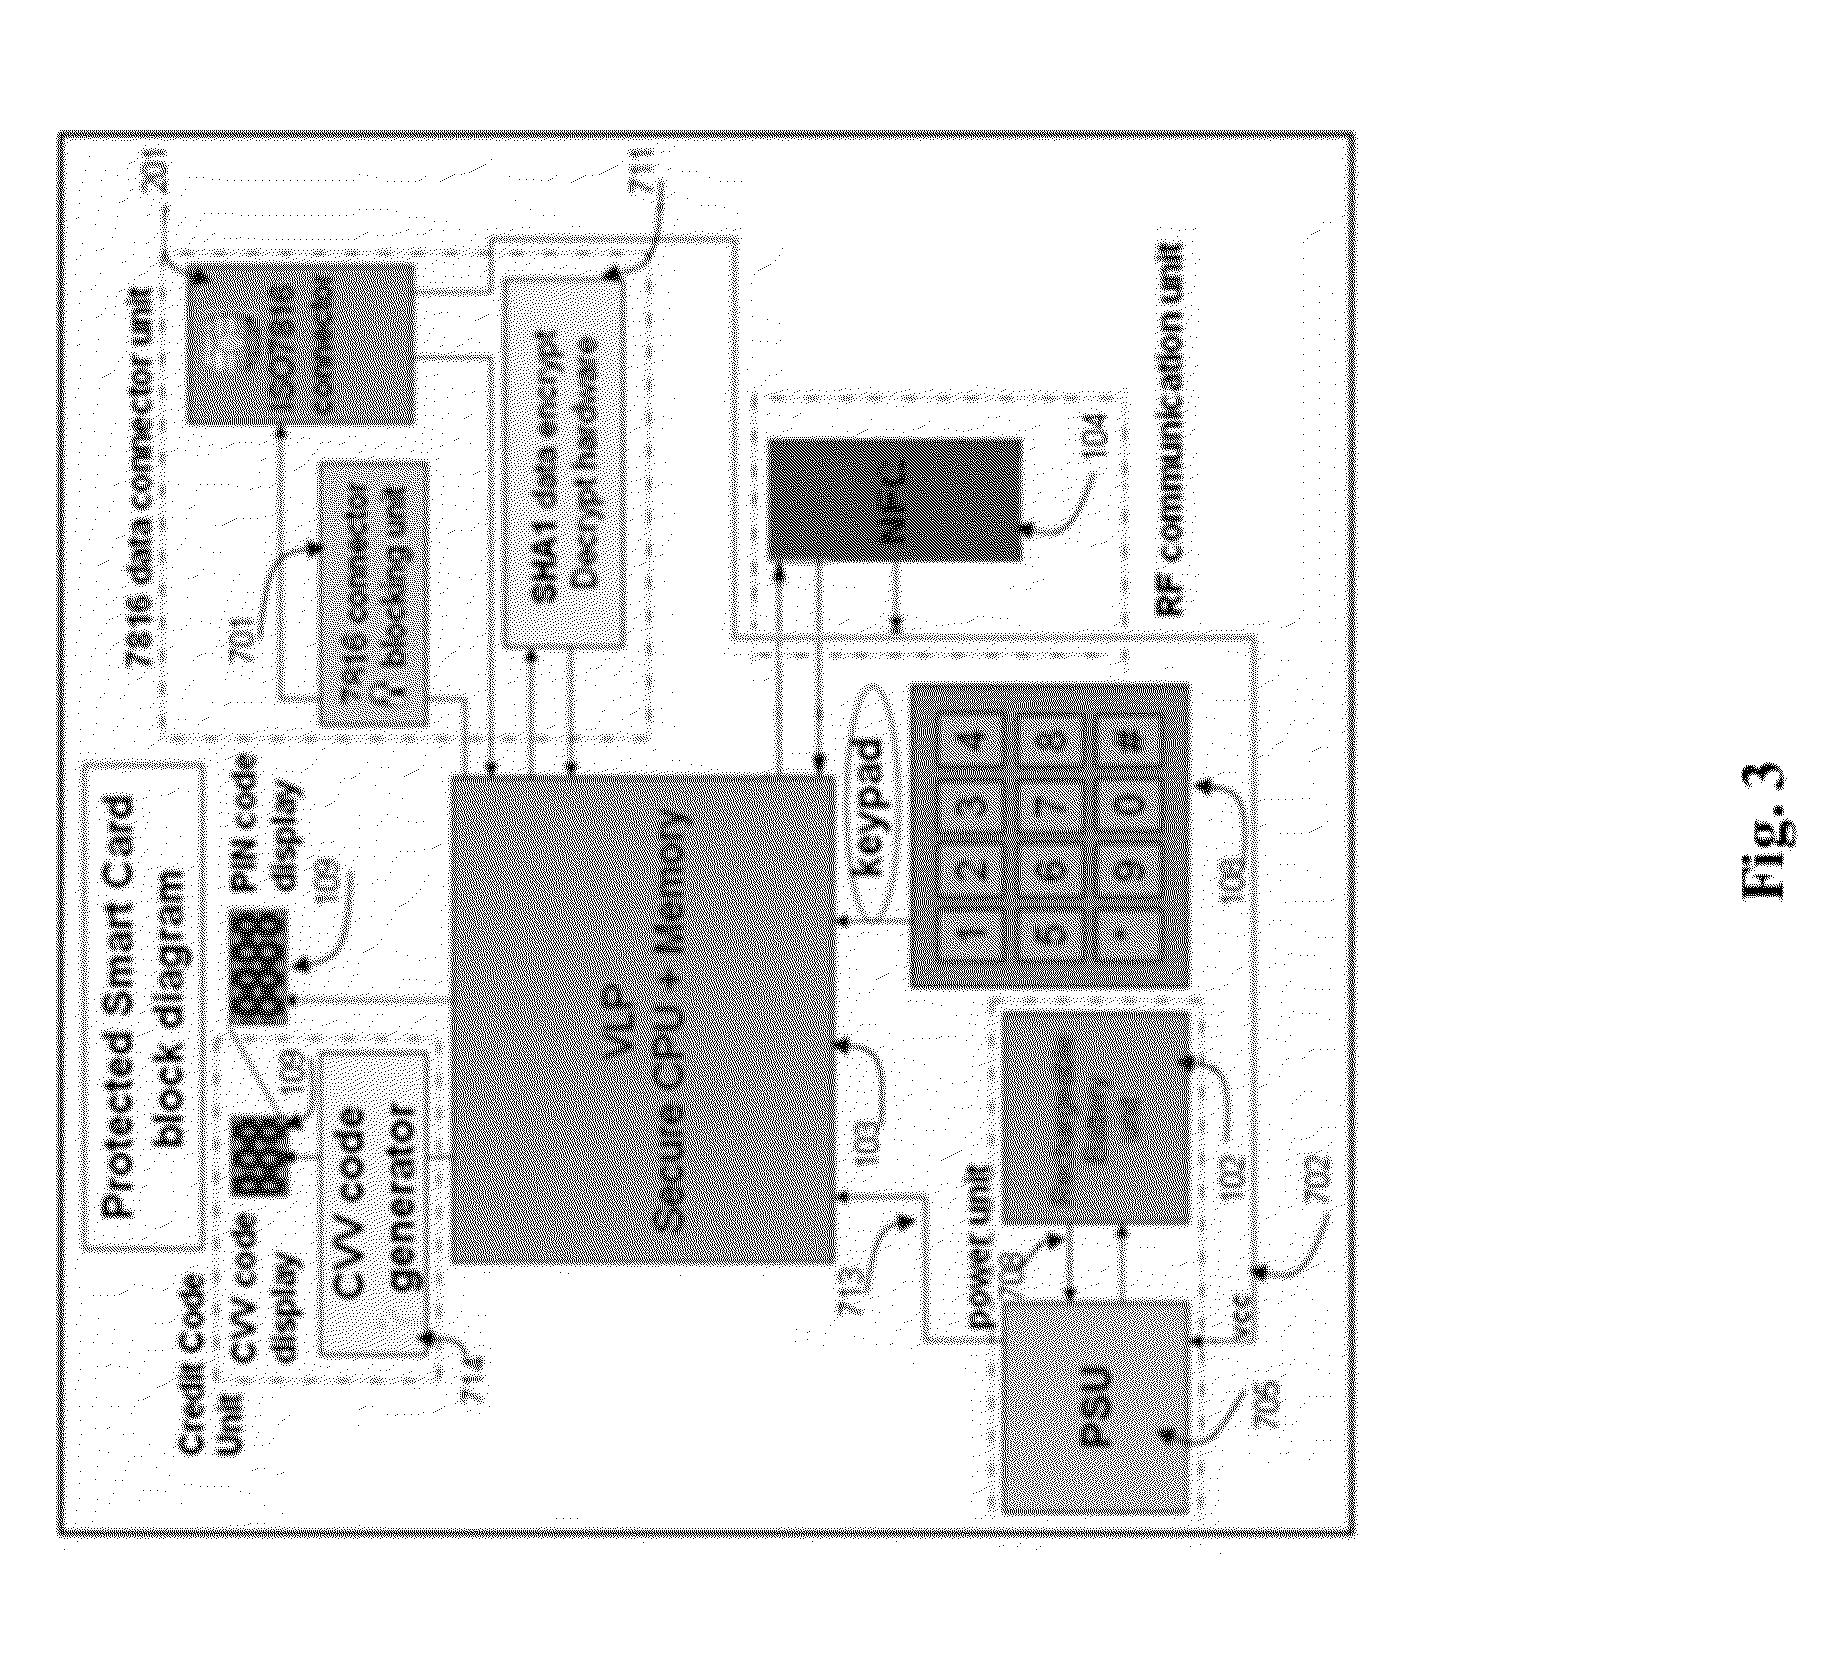 patent us20120153028